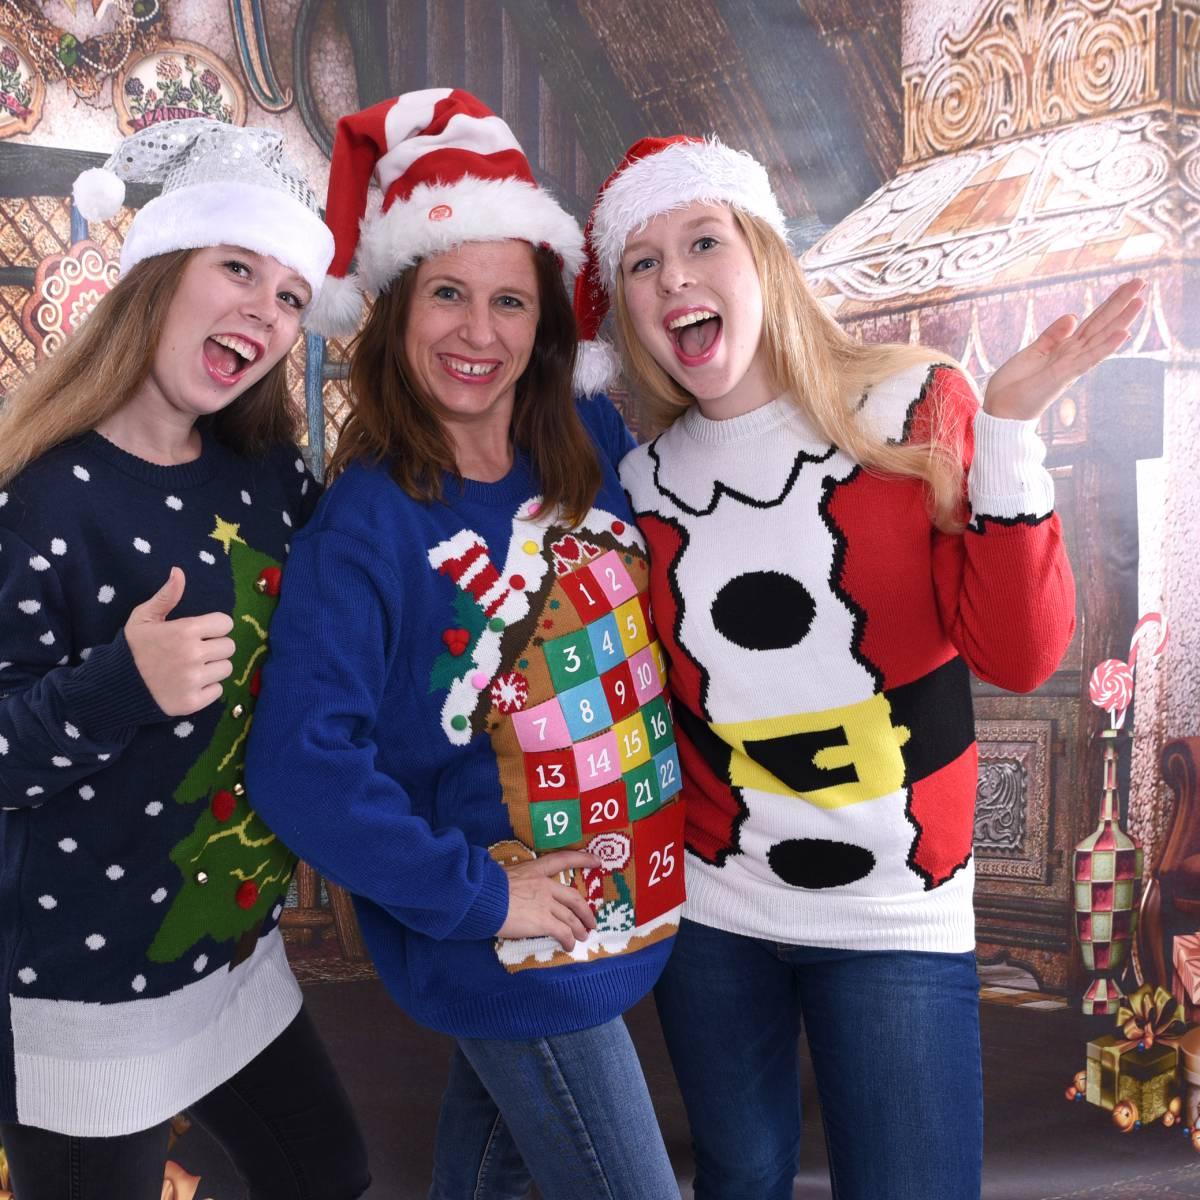 Foute Kersttrui C En A.Op De Foto Met Je Foute Kerst Trui Boeken Bij Sintenkerst